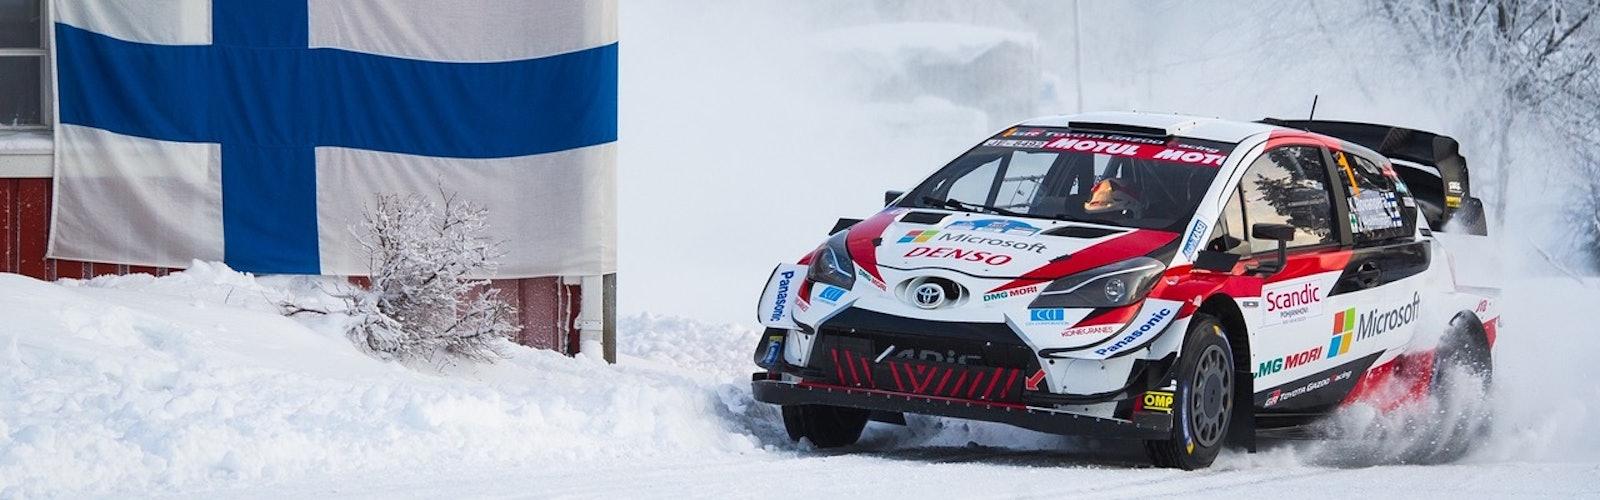 Kalle Rovanperä Arctic Rally 2020